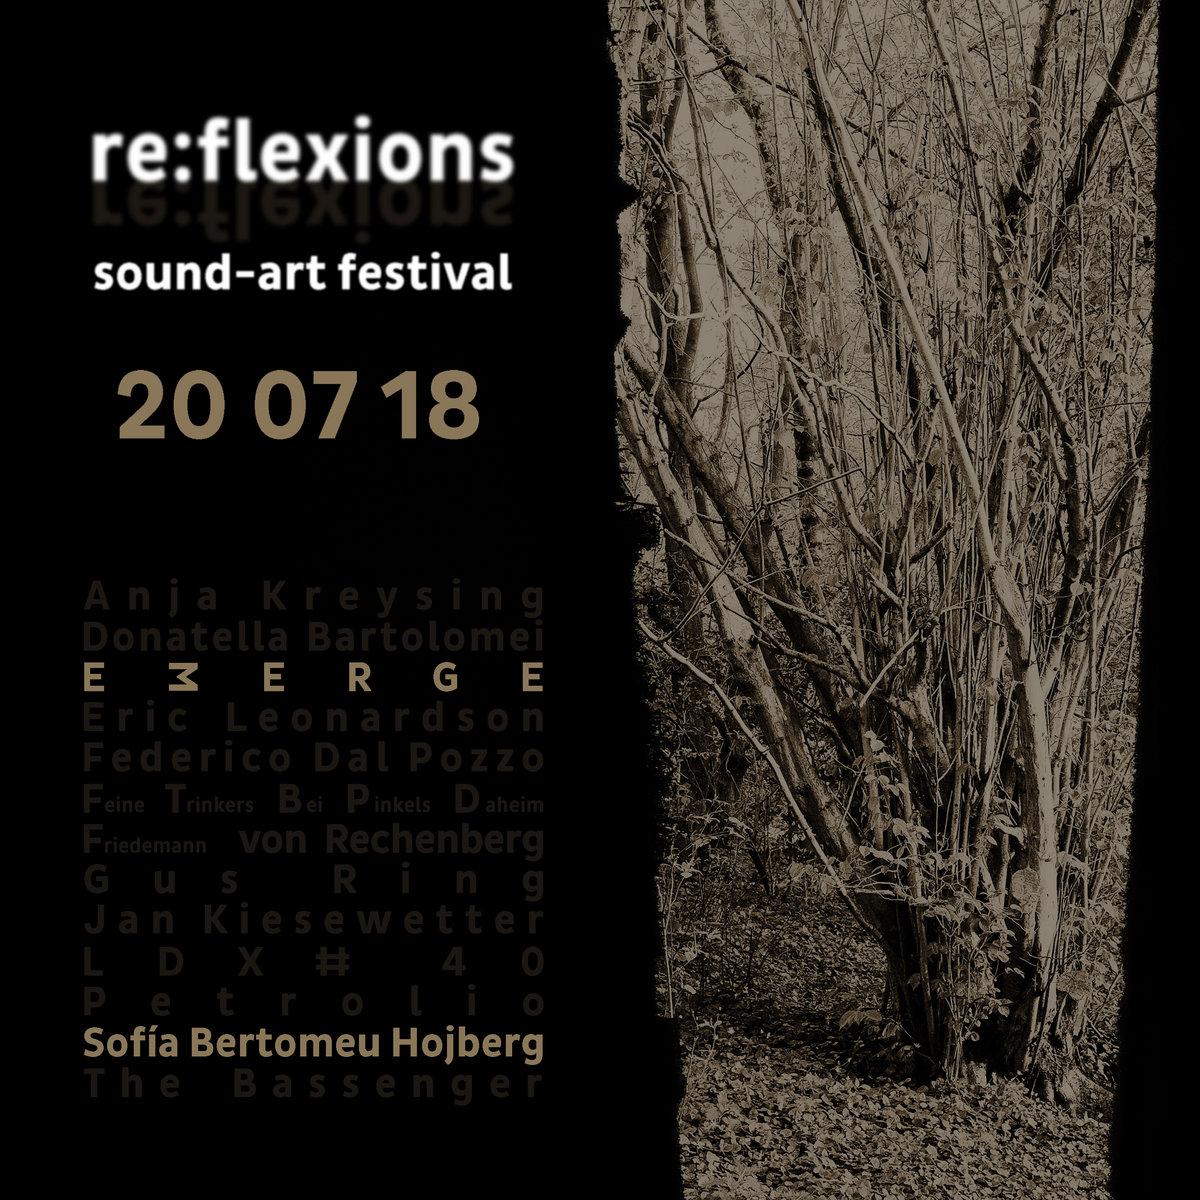 Sofia Bertomeu Hojberg & EMERGE – live @ re:flexions sound-art festival